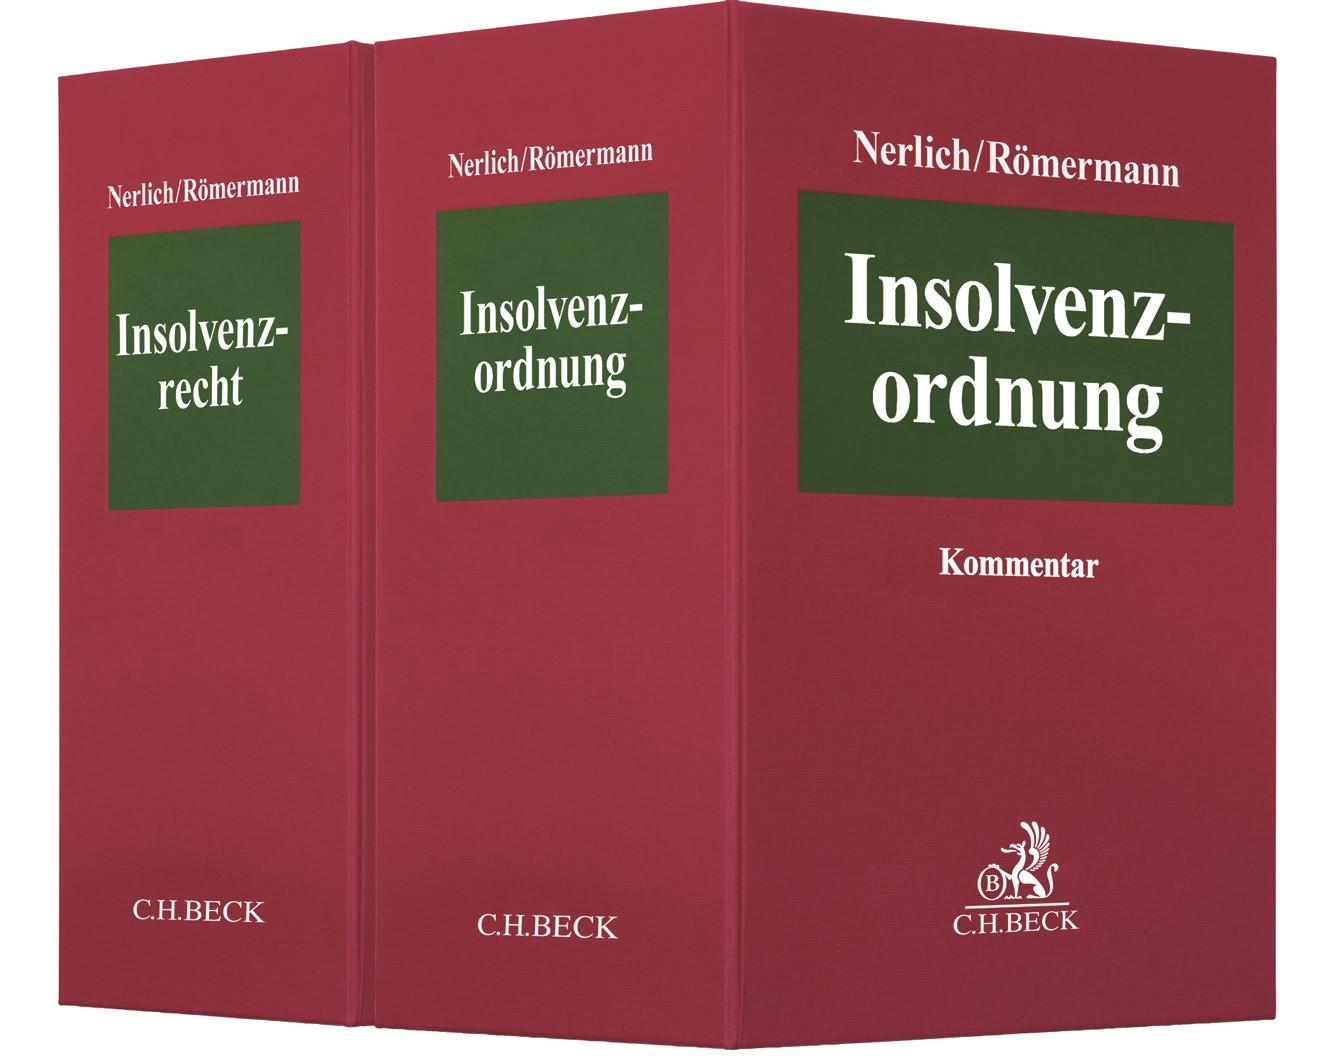 Insolvenzordnung (InsO) | Nerlich / Römermann | 33. Auflage (Cover)